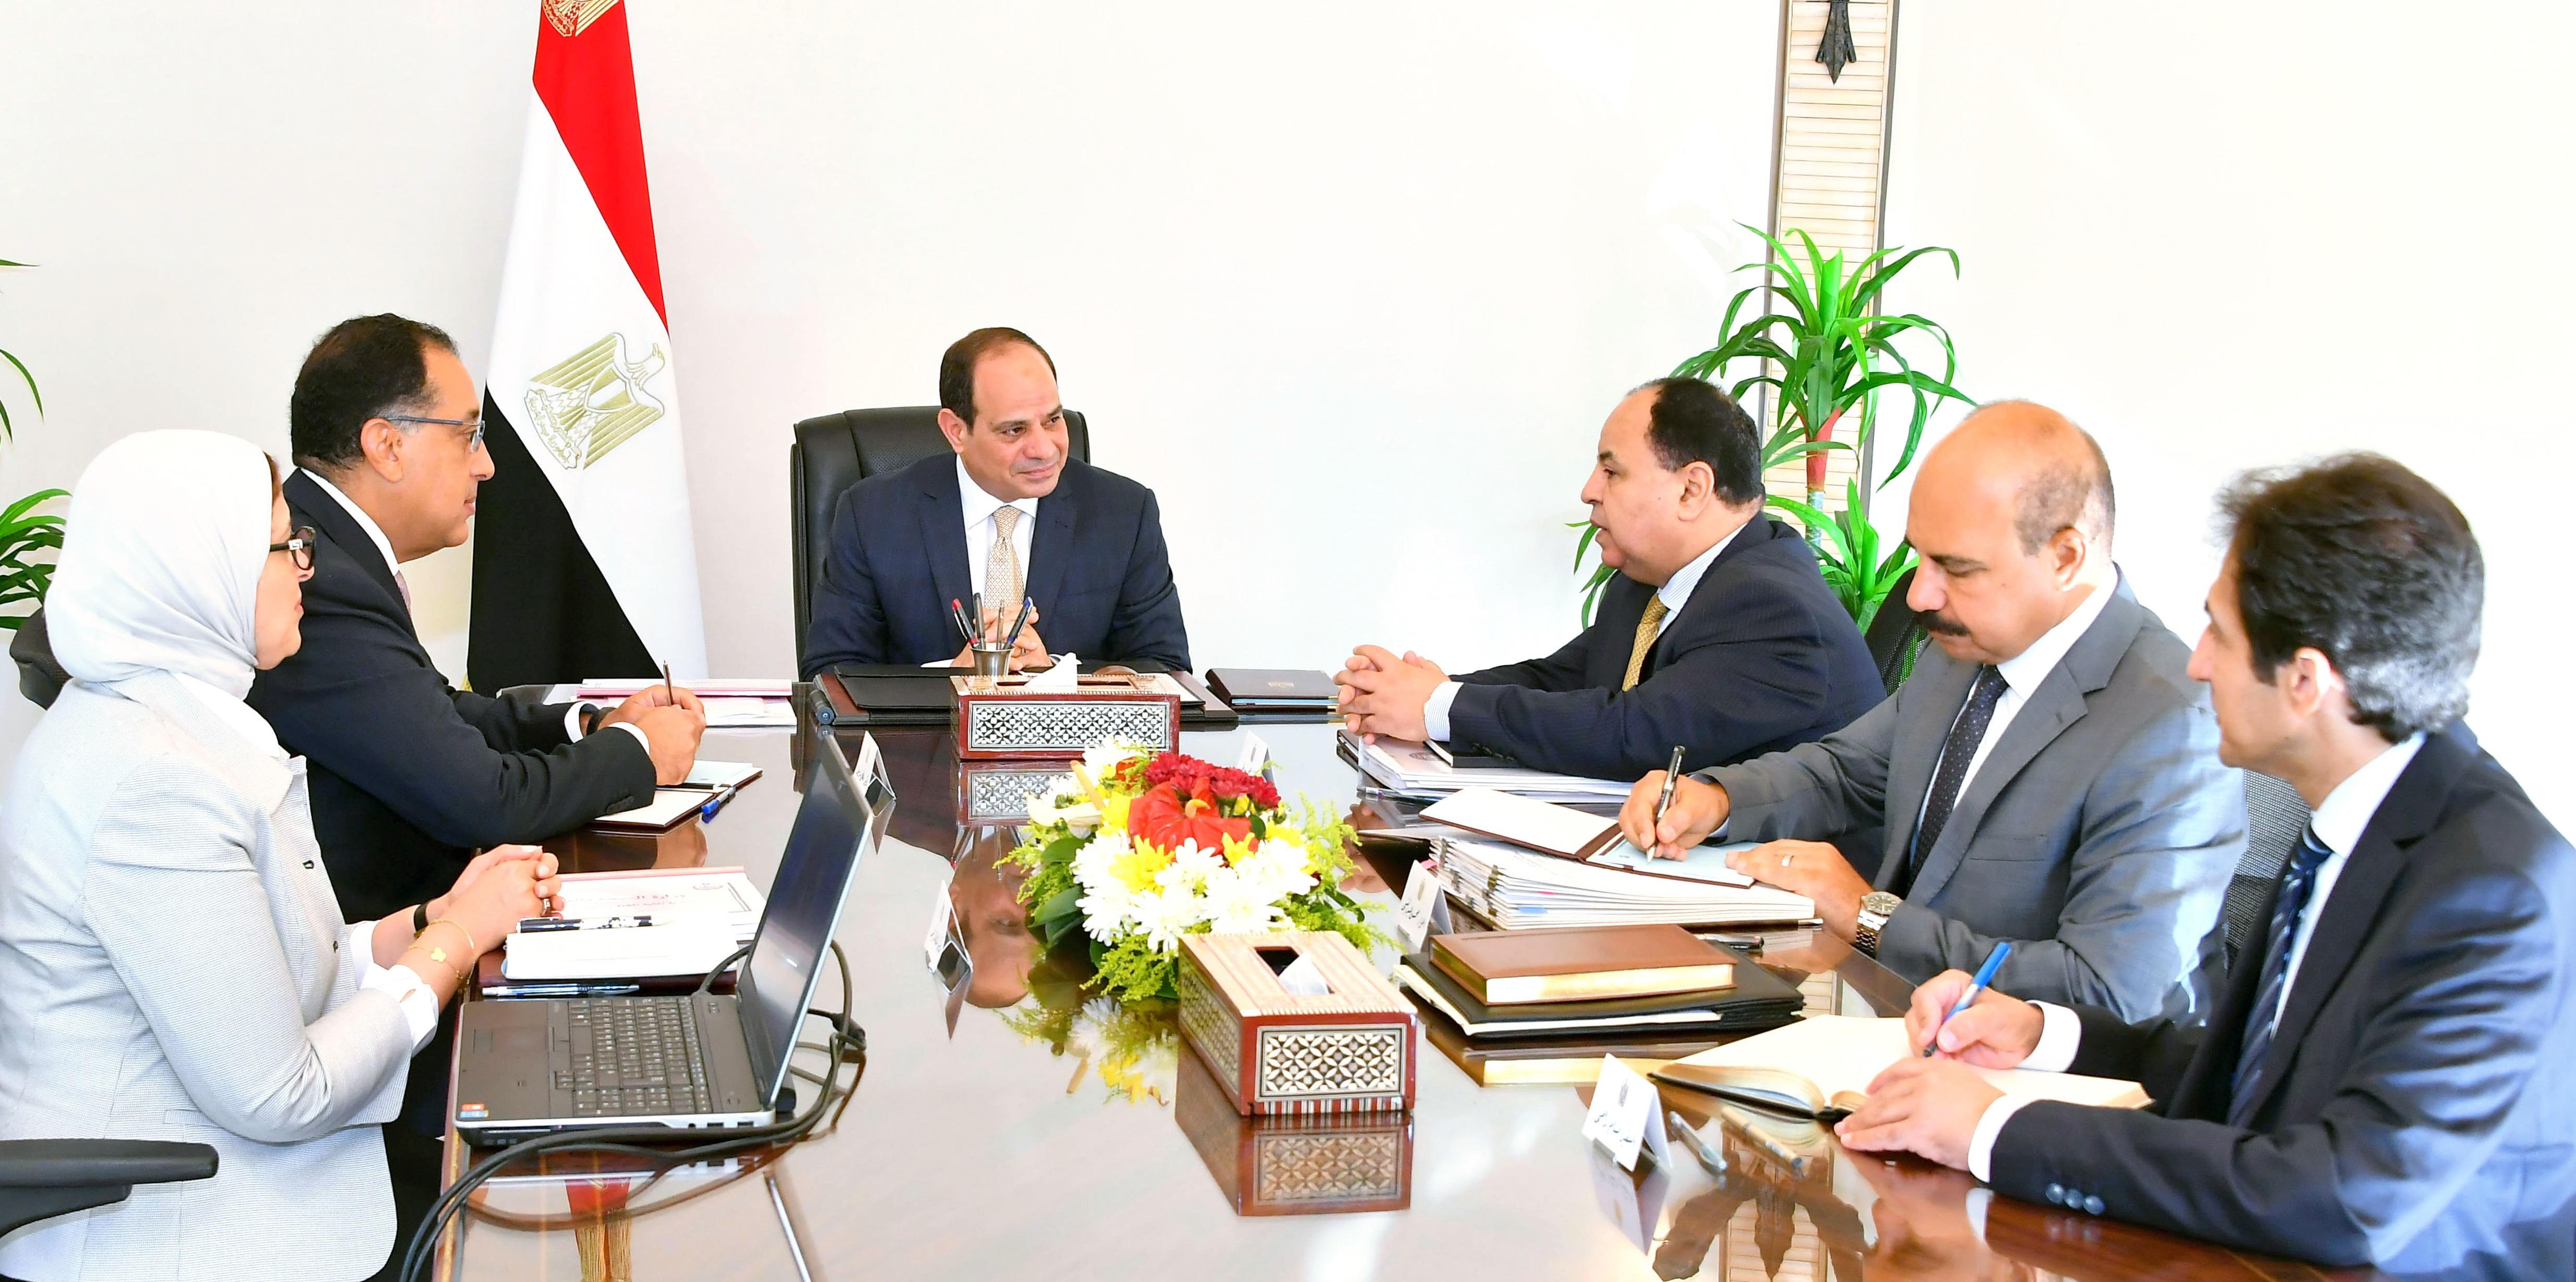 السيد الرئيس يعقد اجتماعاً مع السيد رئيس الوزراء ووزيري المالية والصحة (2)